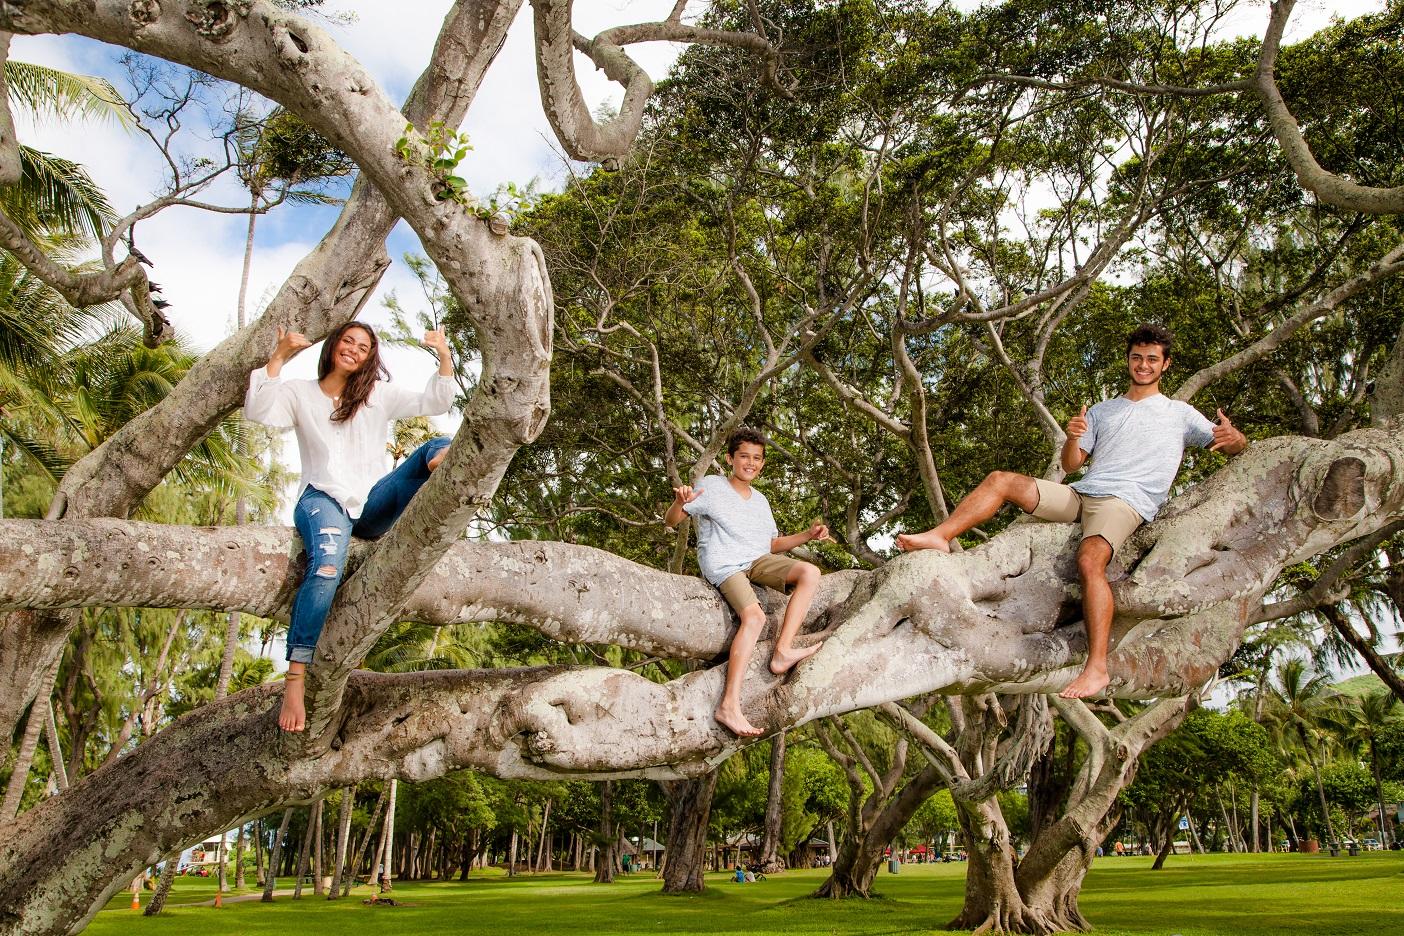 kailua family beach portraits honolulu oahu hawaii